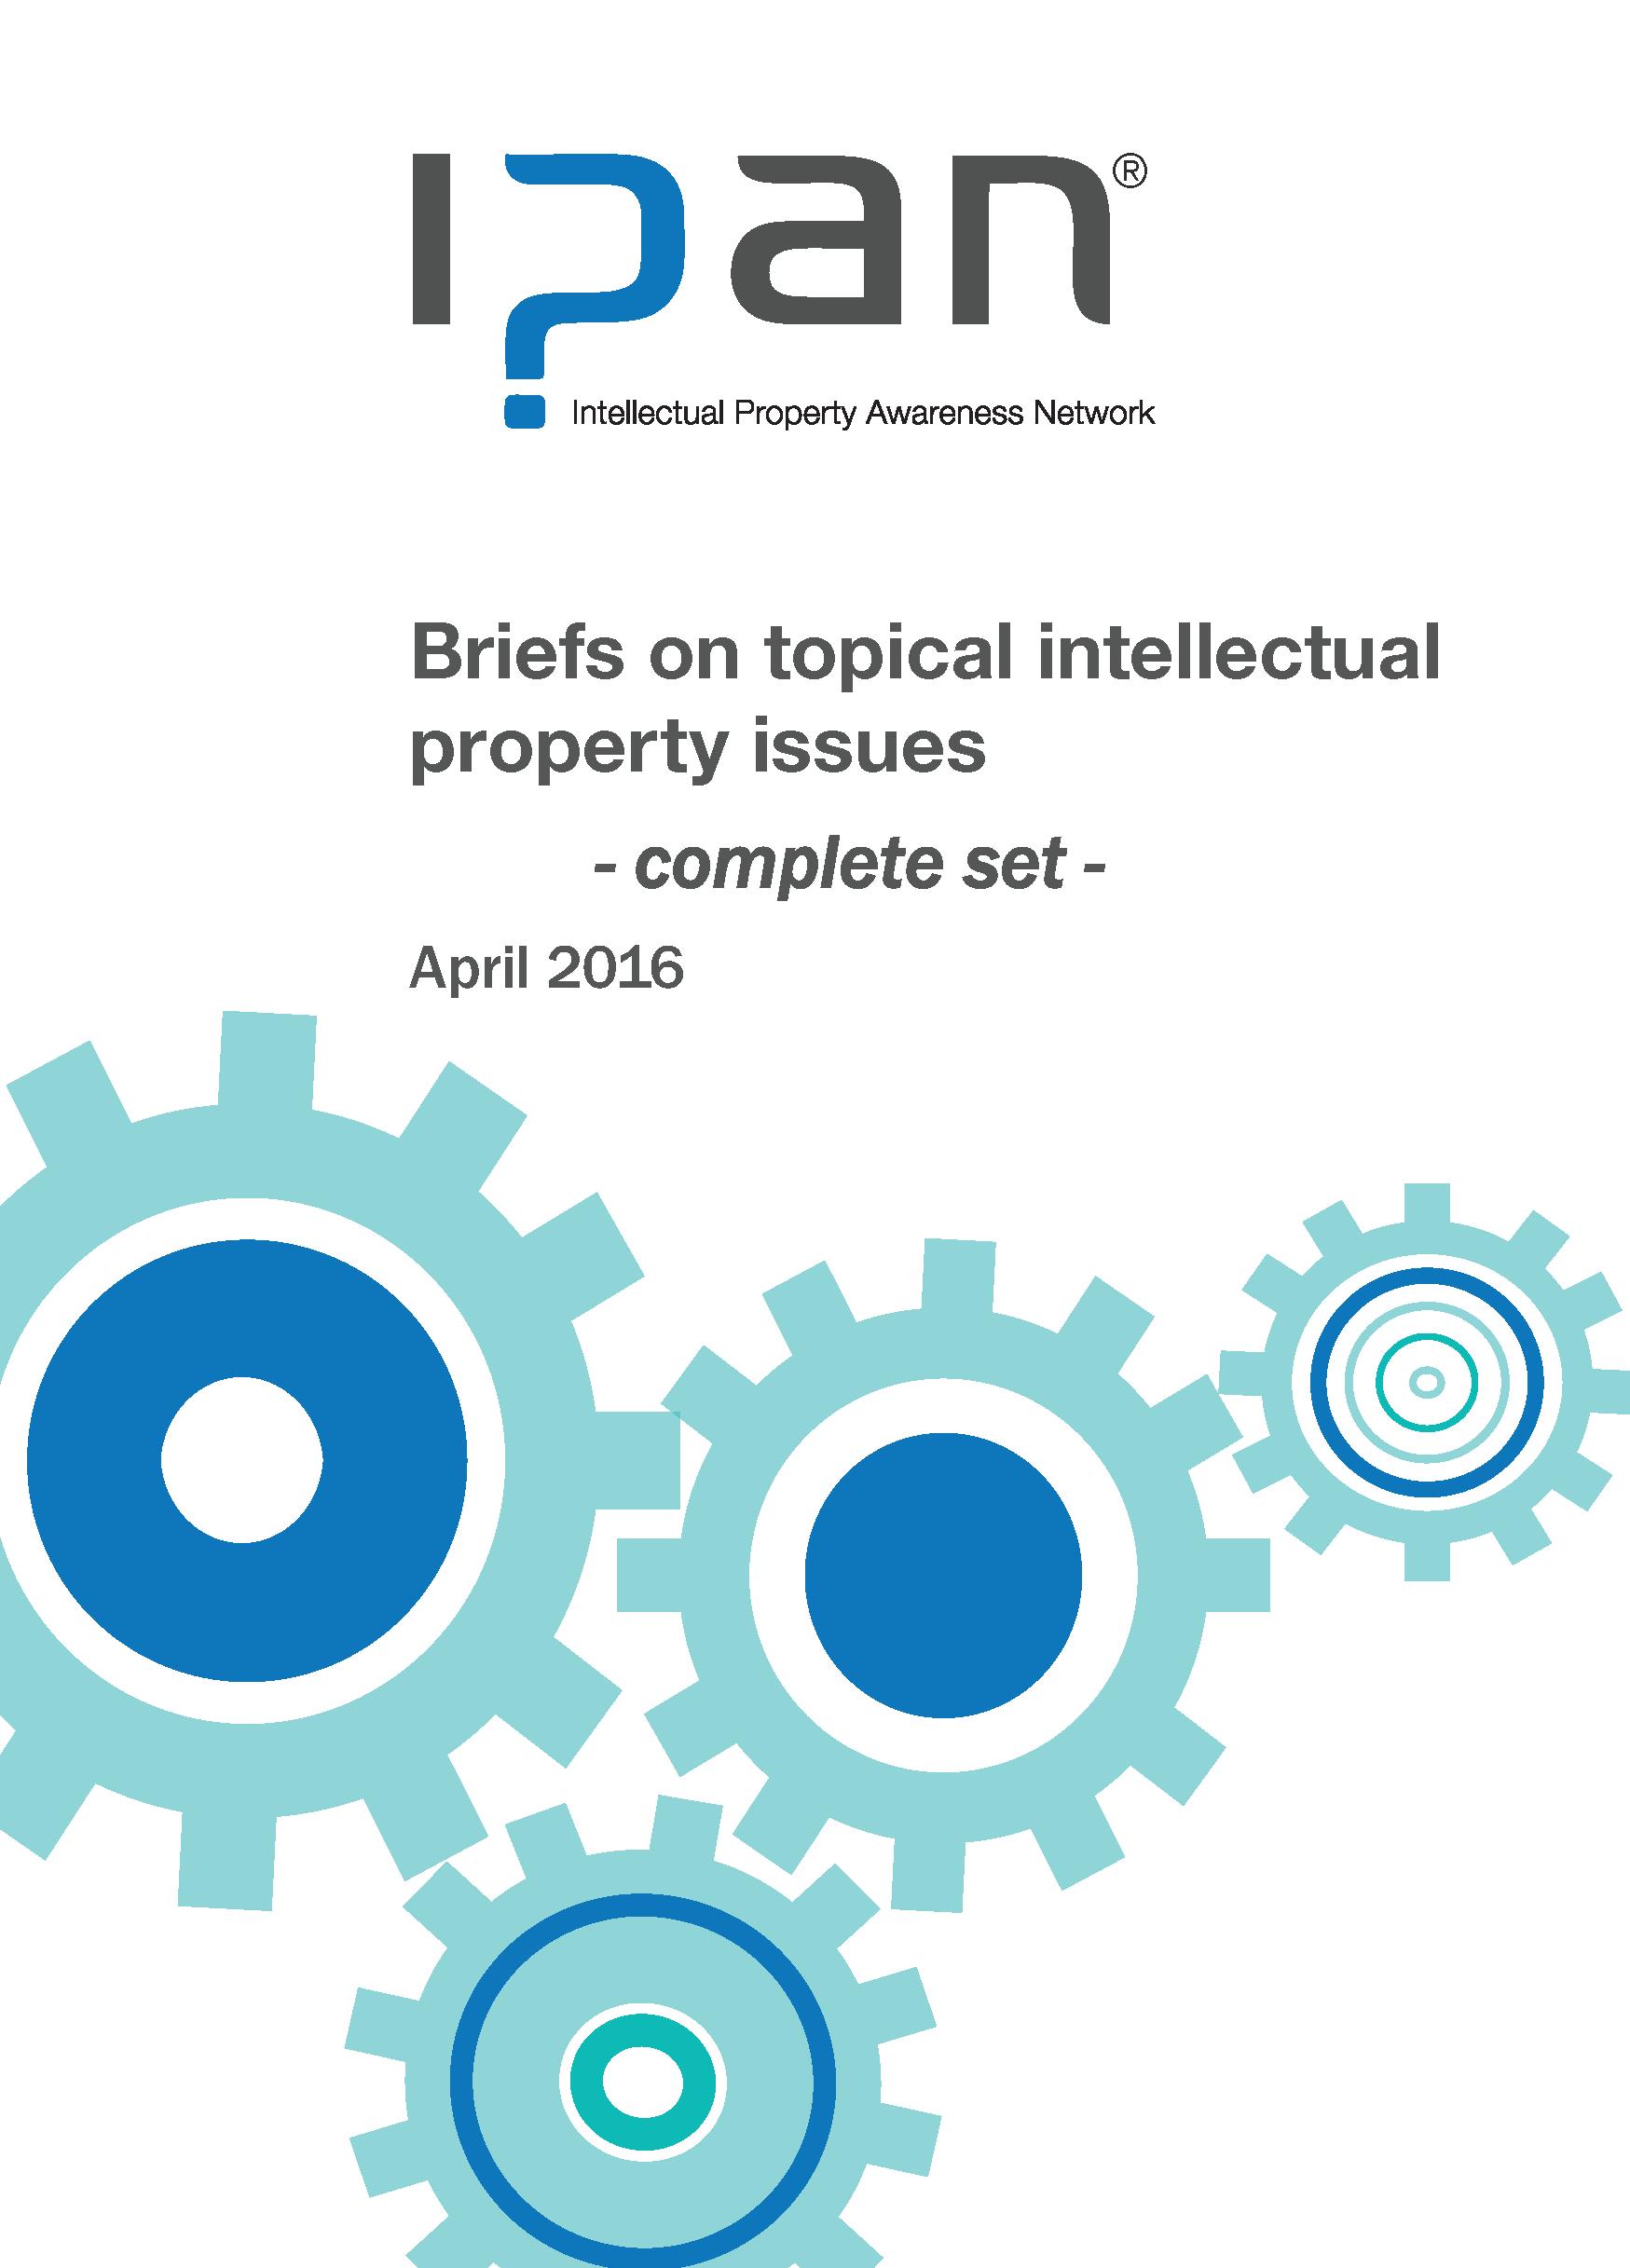 Topic briefs - full set